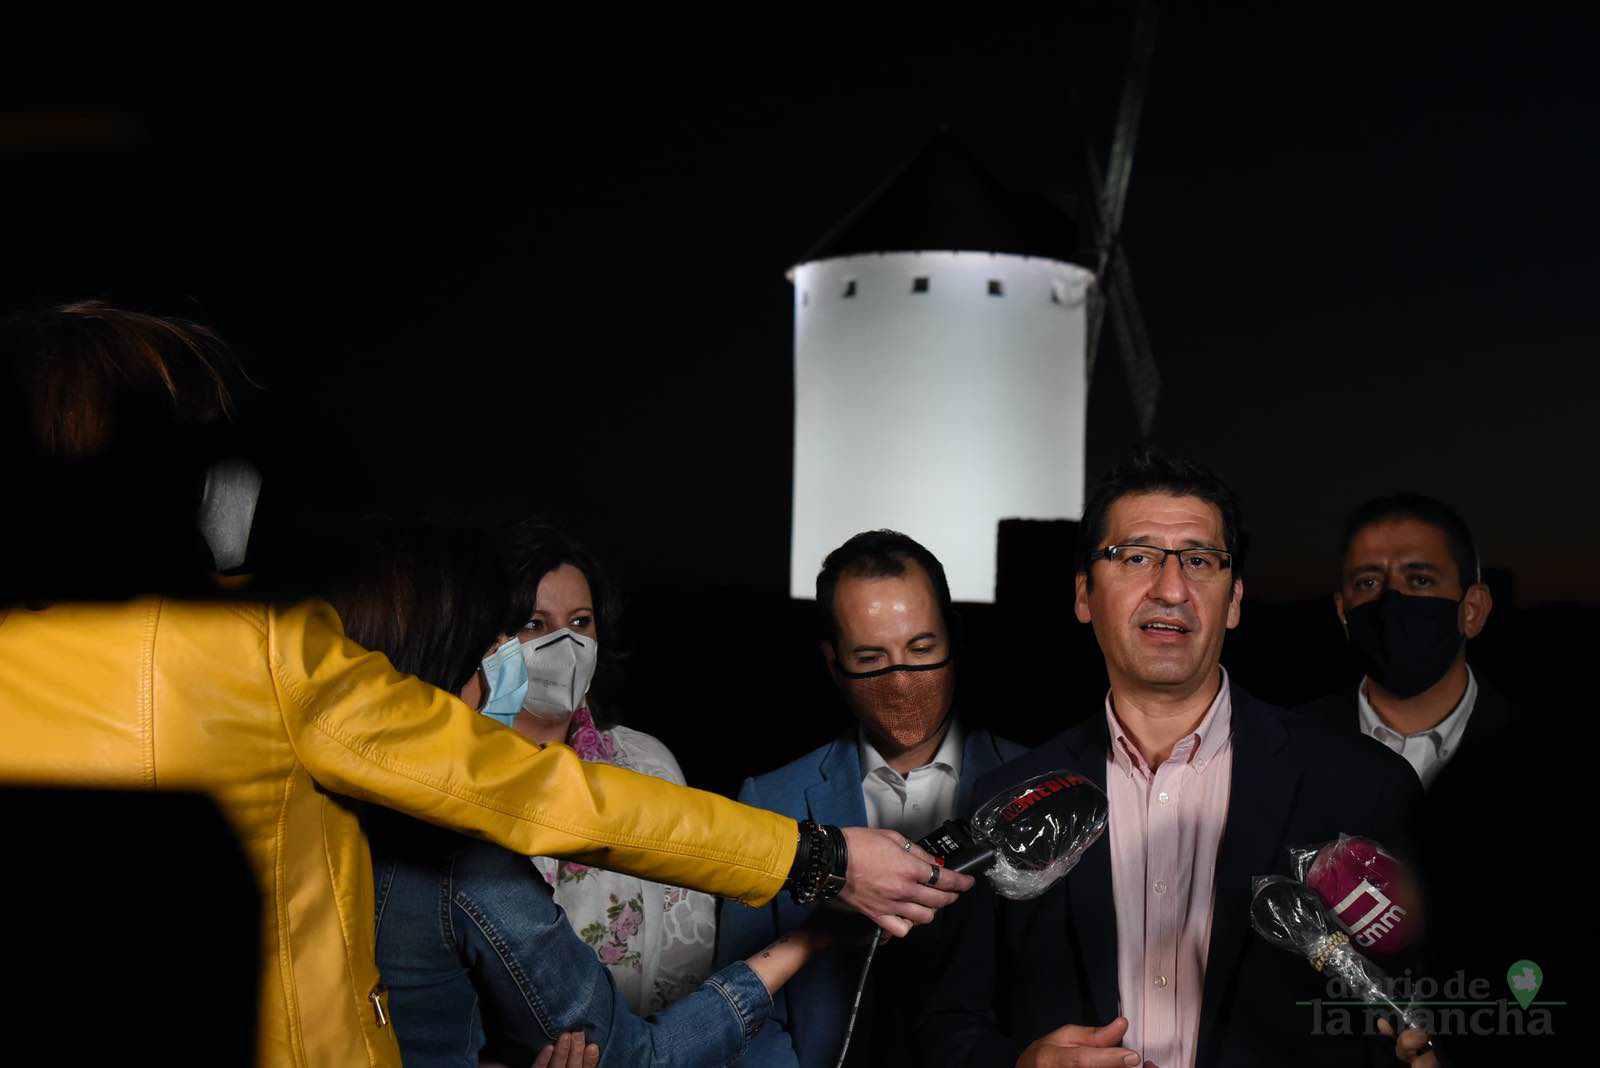 inauguracion iluminacion molinos herencia 9 - Herencia vuelve a inaugurar con una nueva iluminación artística sus molinos de viento